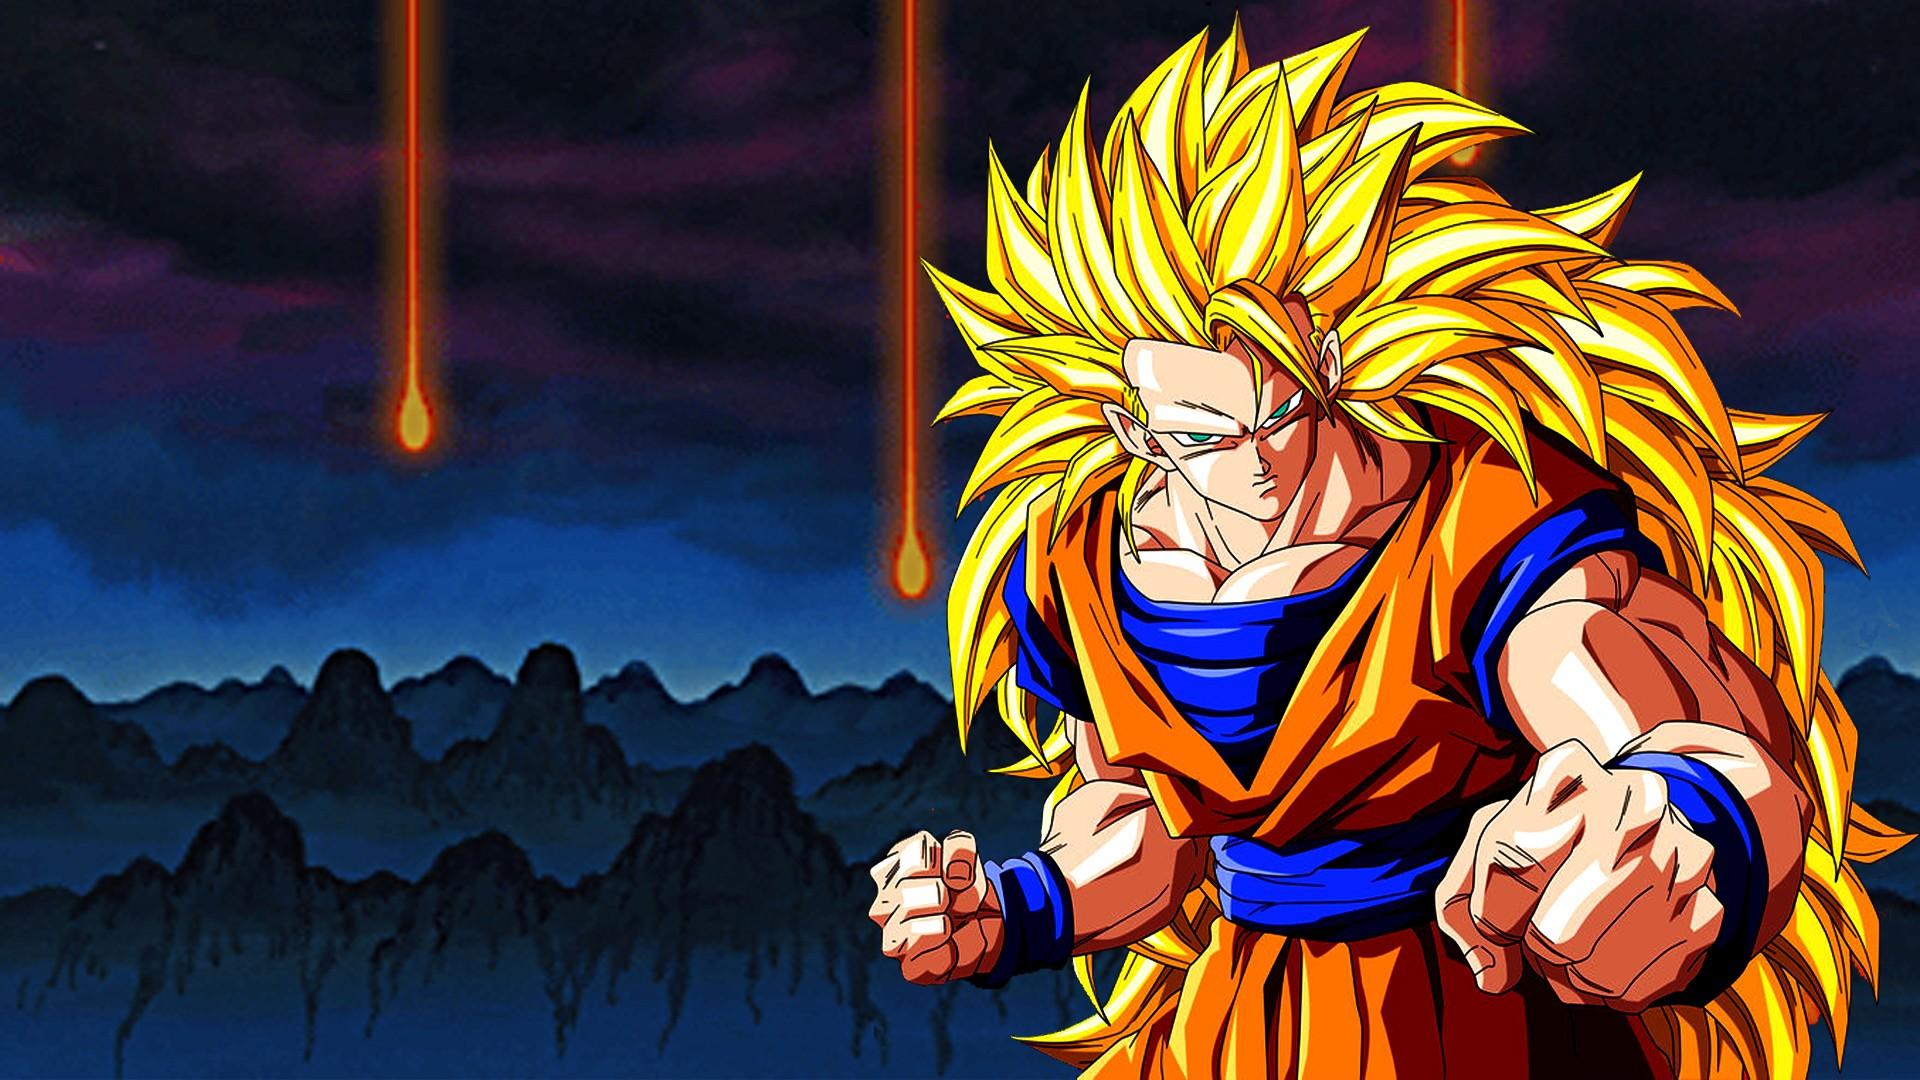 hình minh họa Anime Ngọc rồng Son Goku bảy viên ngọc rông Super Saiyan 3 Ảnh